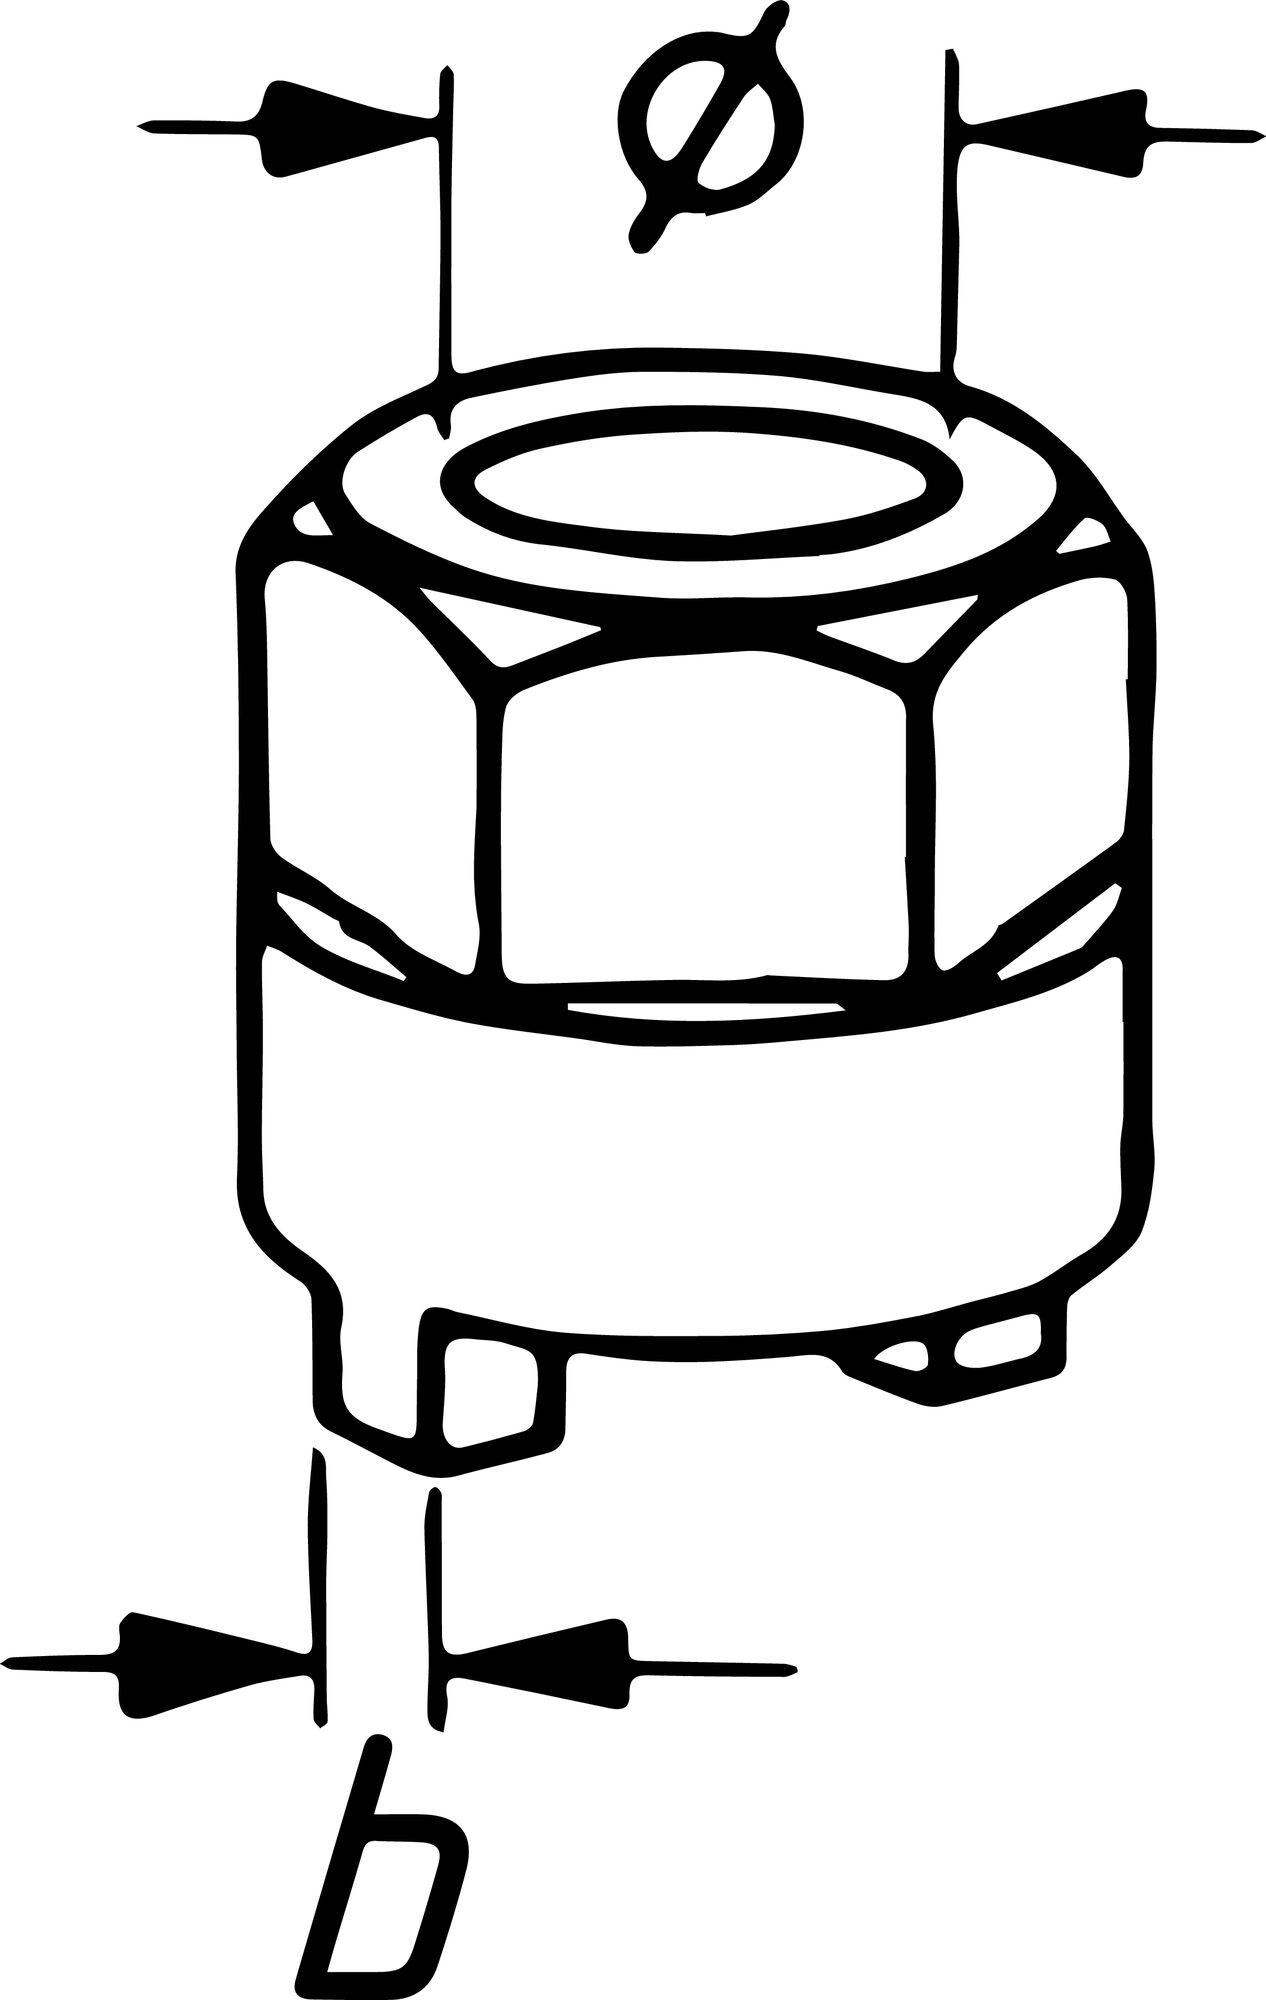 HAZET Stoßdämpfer-Zapfenschlüssel 2780-1 ∙ 14.1 mm